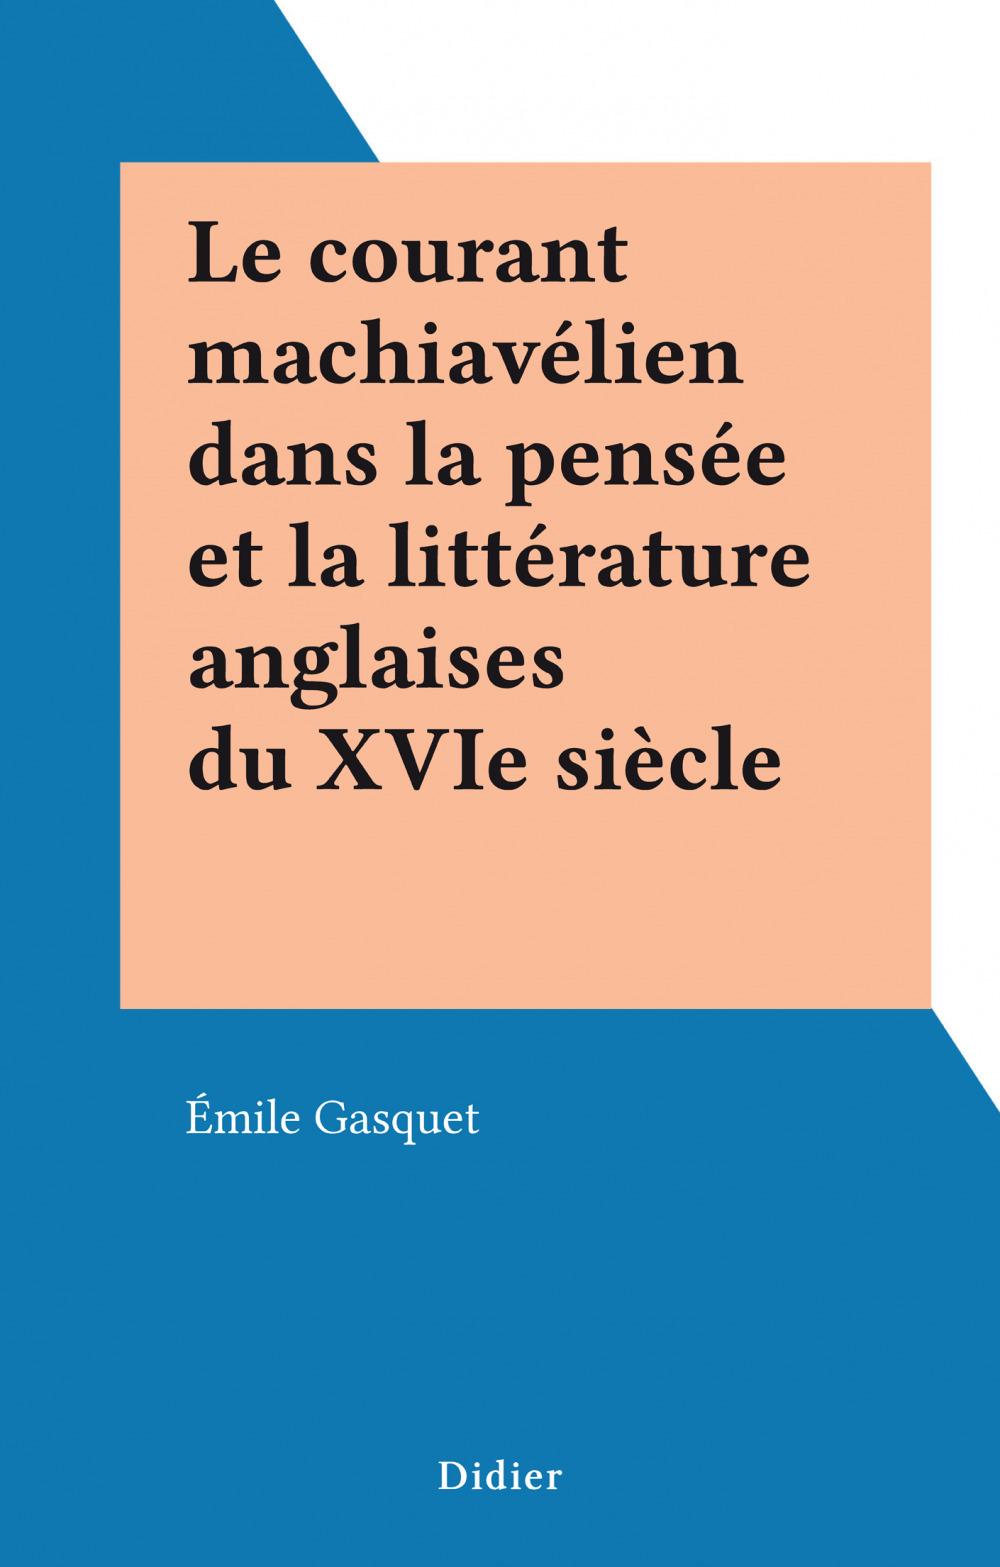 Le courant machiavélien dans la pensée et la littérature anglaises du XVIe siècle